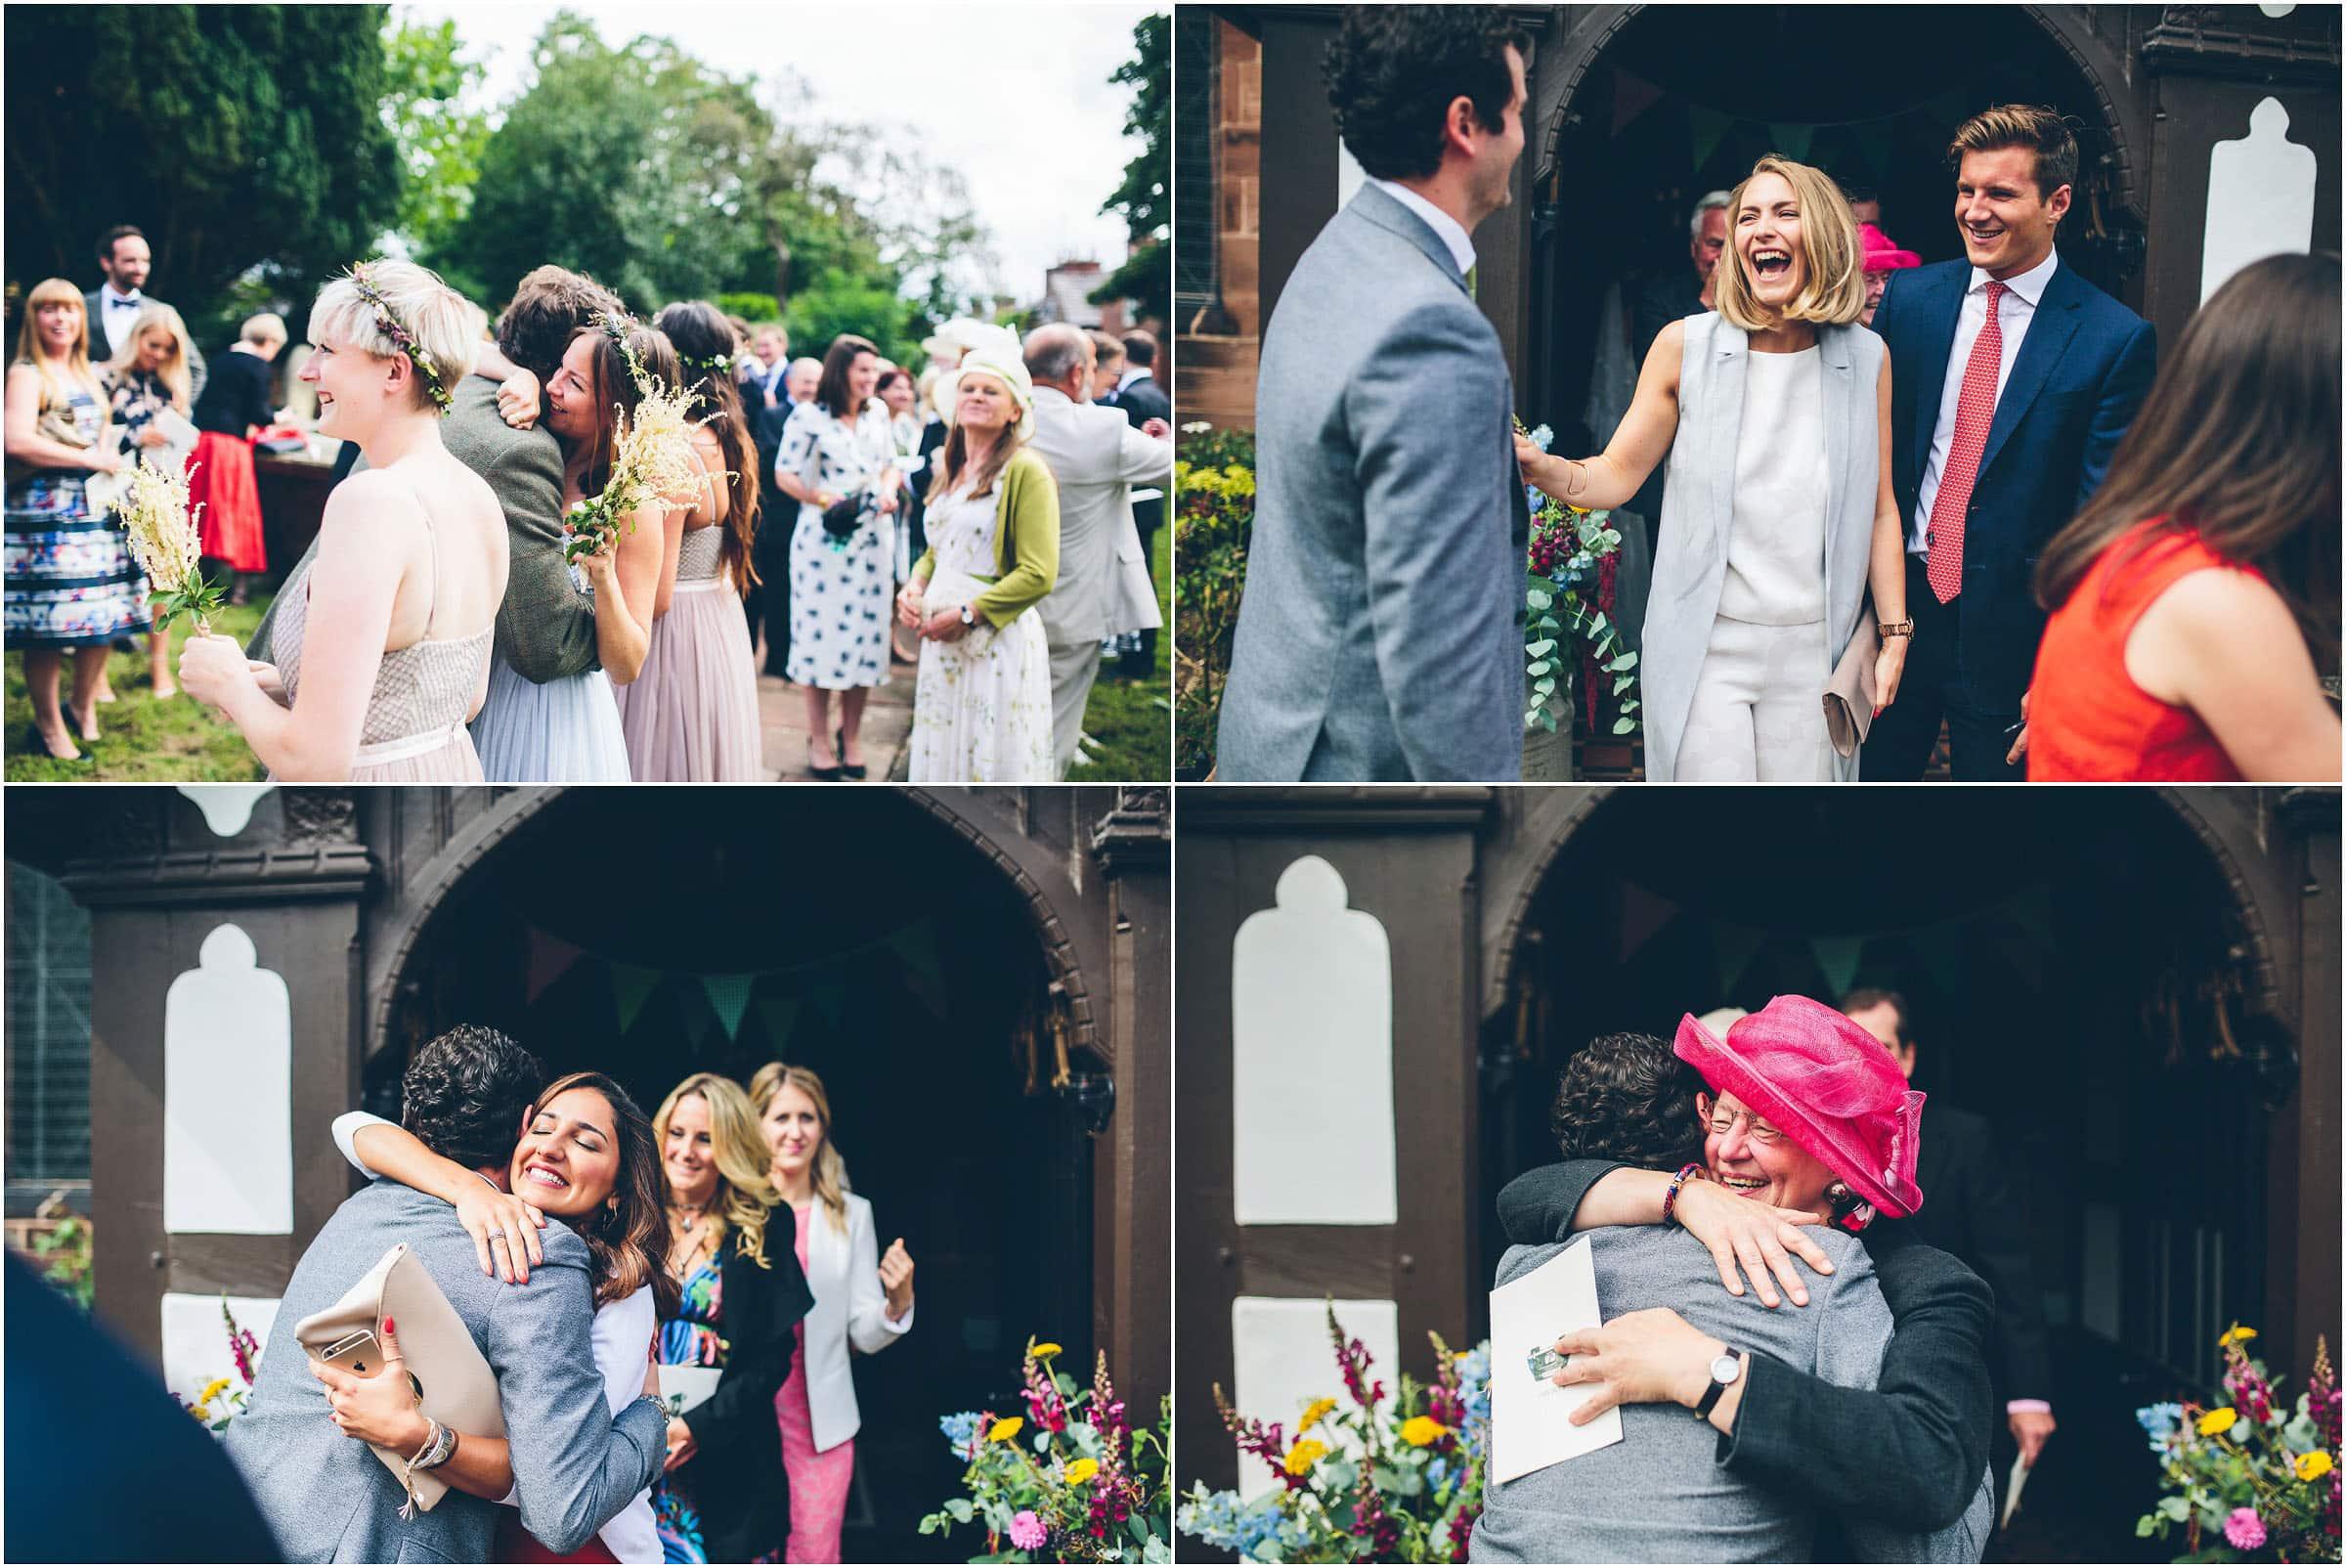 Harthill_Weddings_Wedding_Photography_0061